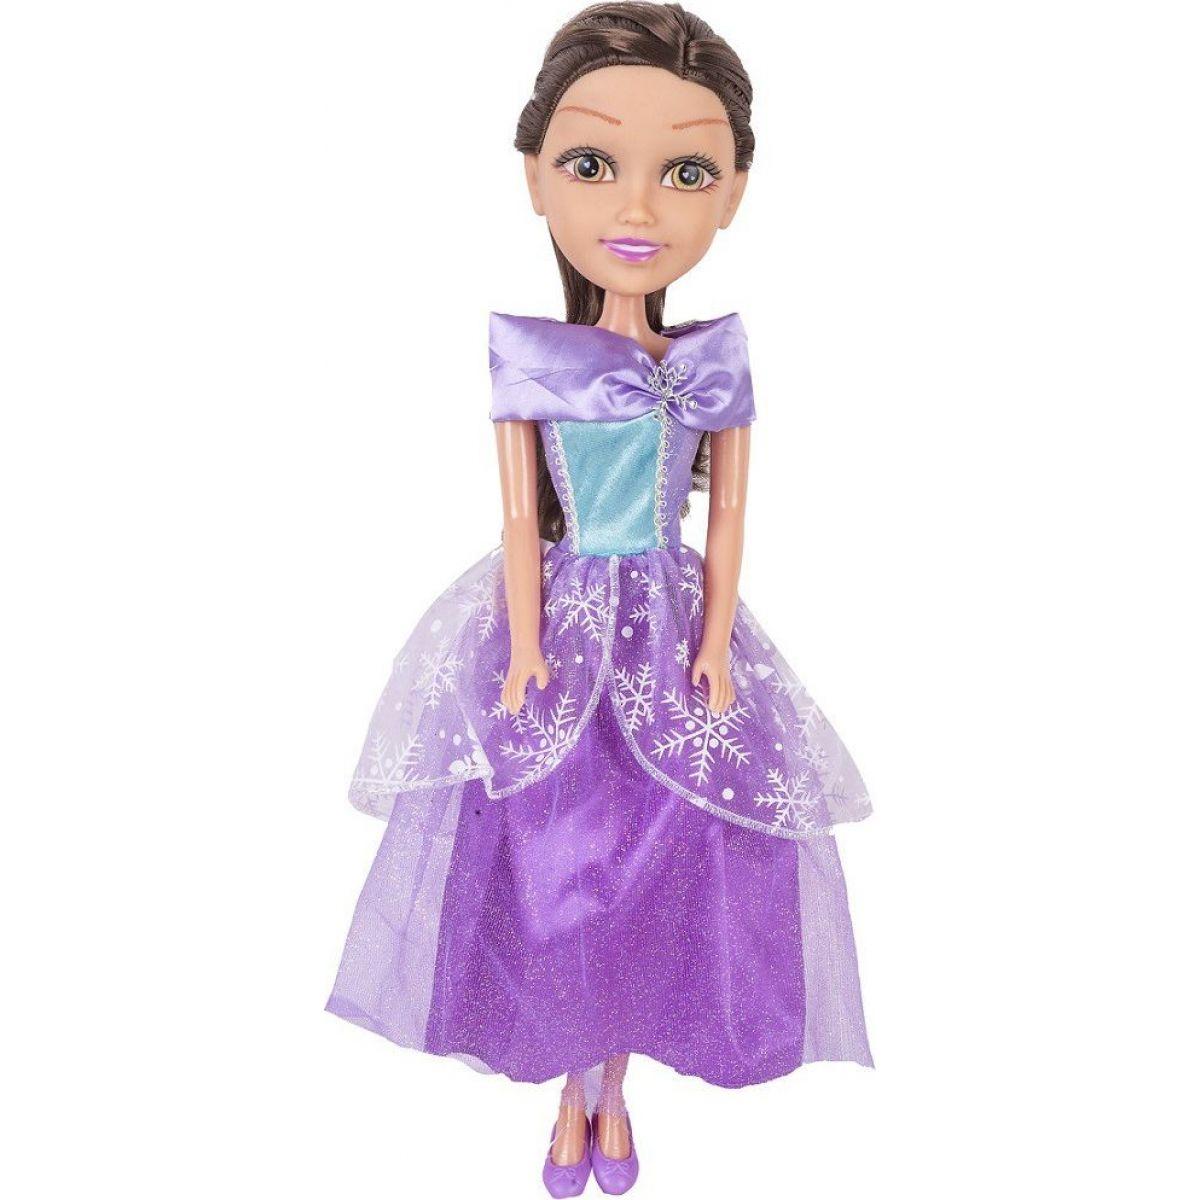 Alltoys Princezná 50 cm Sparkle Girlz Zeleno - fialové šaty